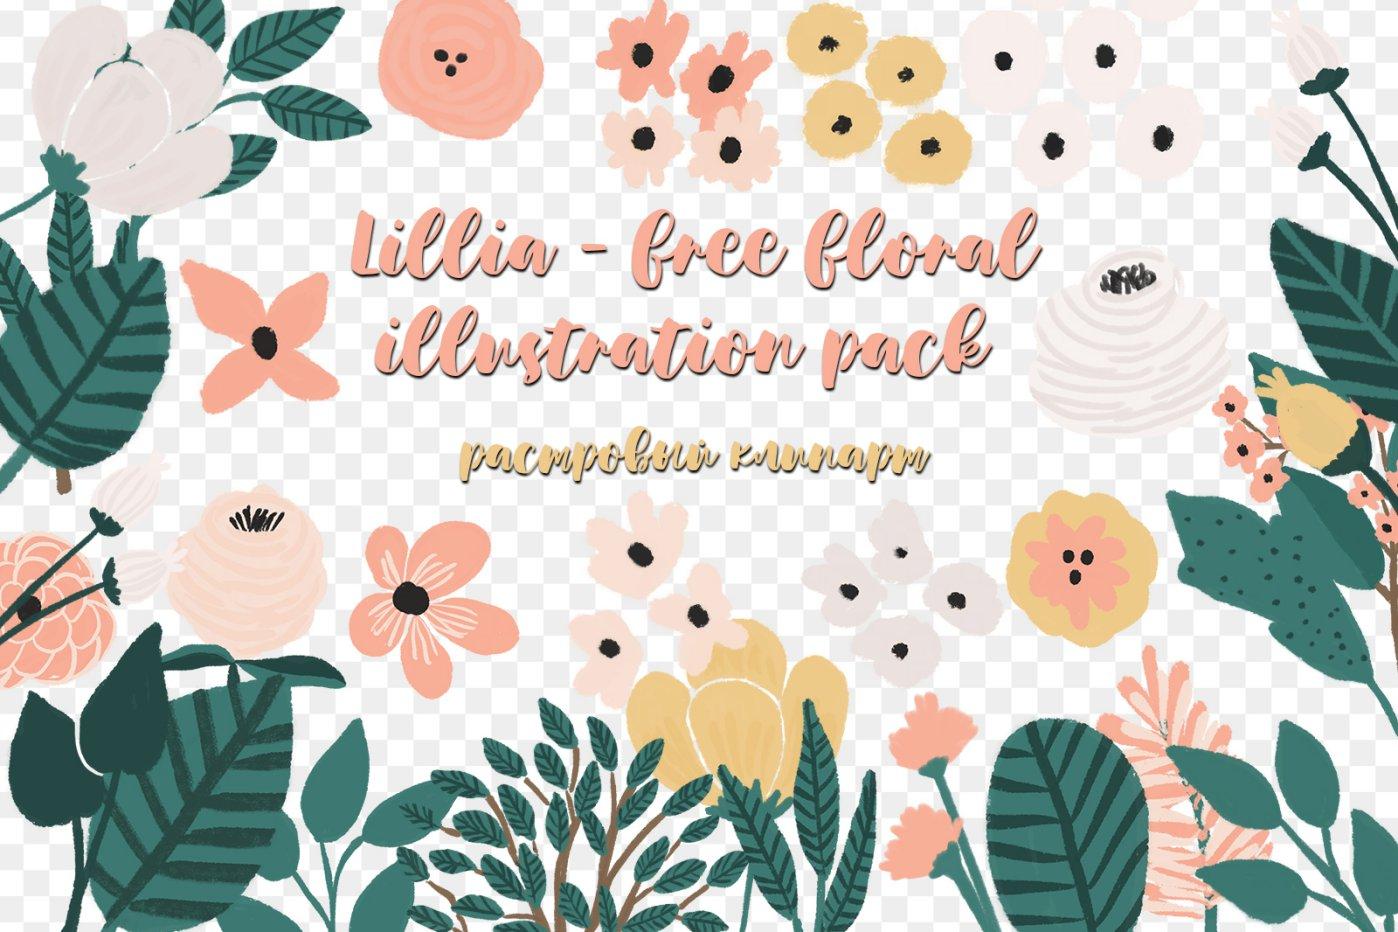 Lillia - free floral illustration pack png